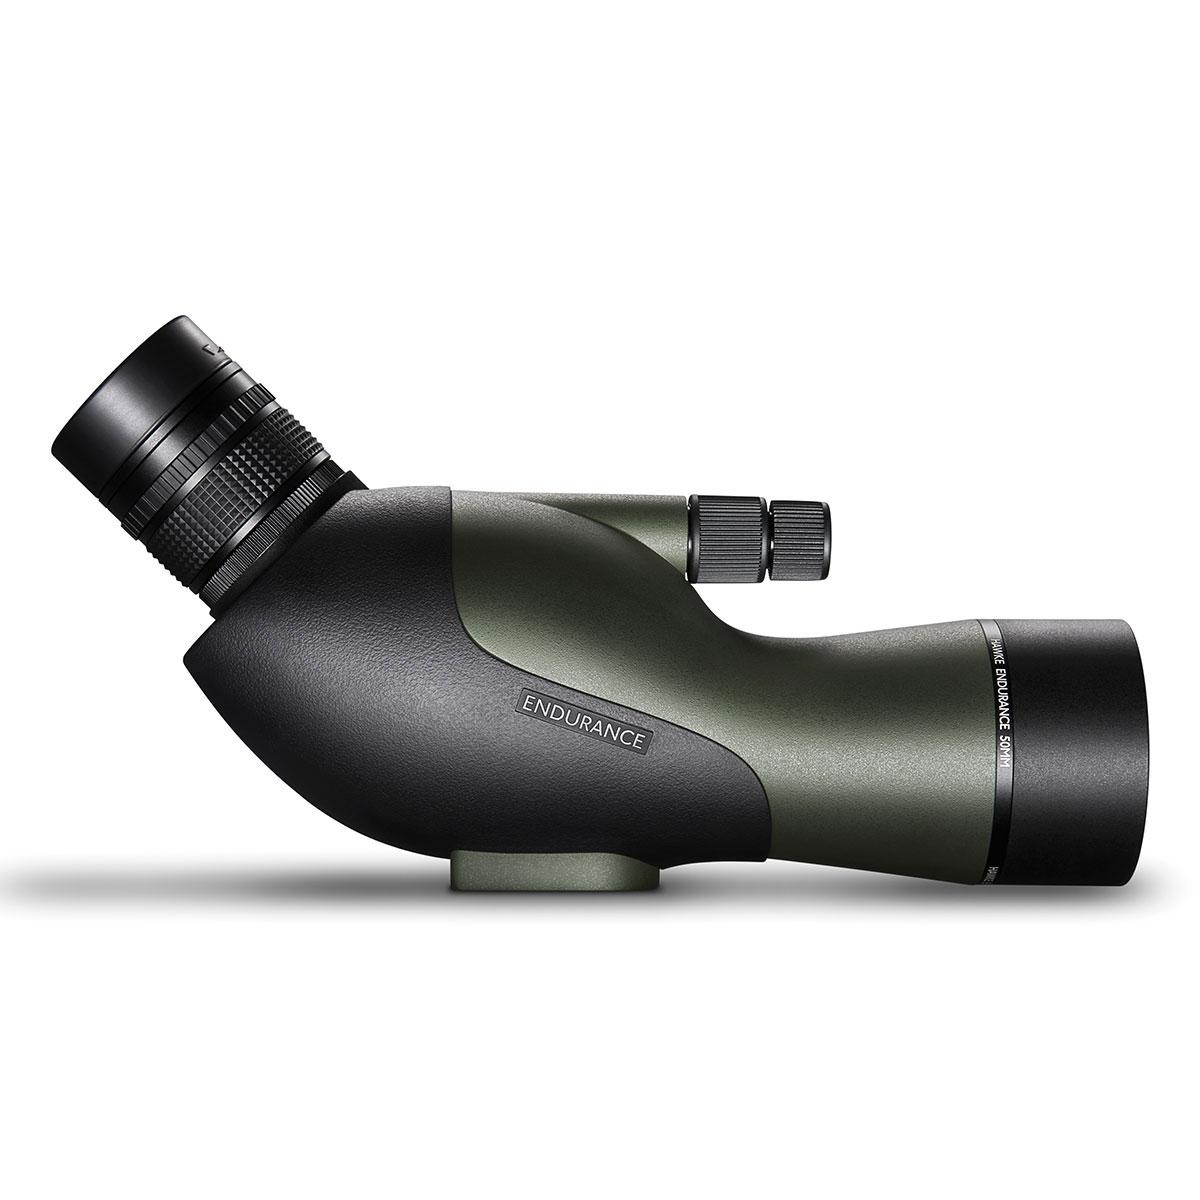 Hawke Endurance ED 12-36x50 Angled Spotting Scope - Green 56 192